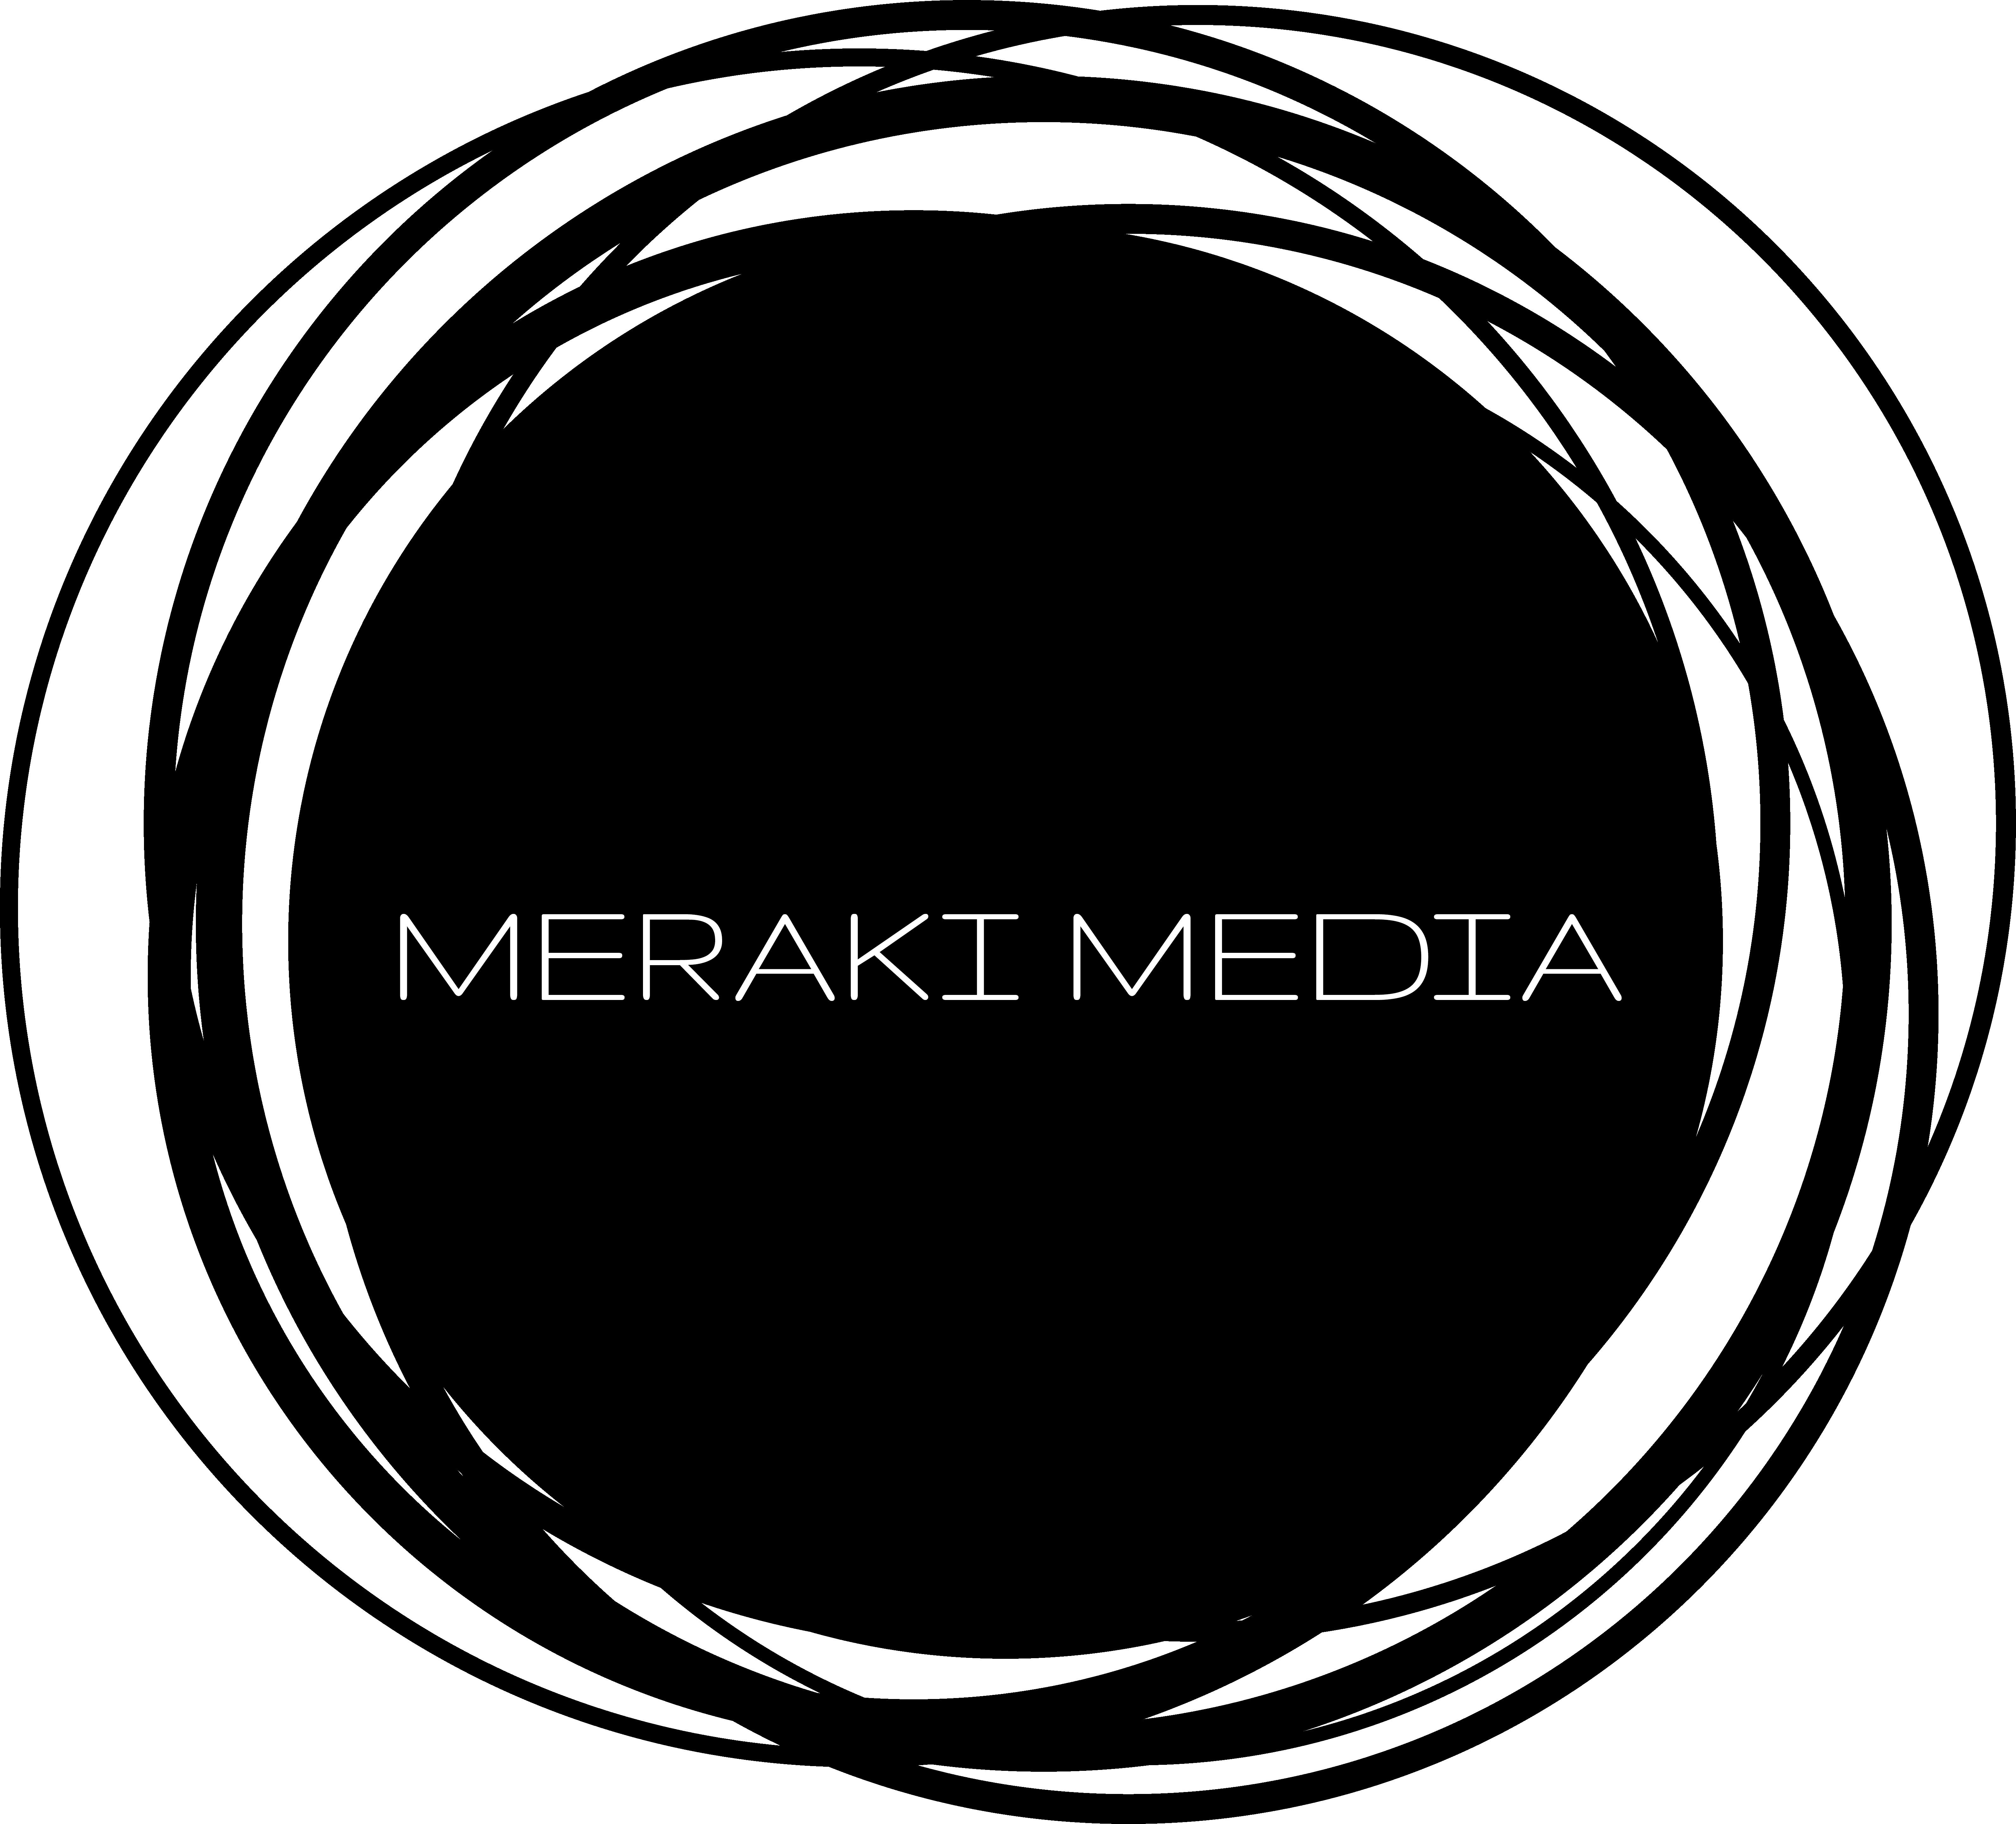 Meraki Media